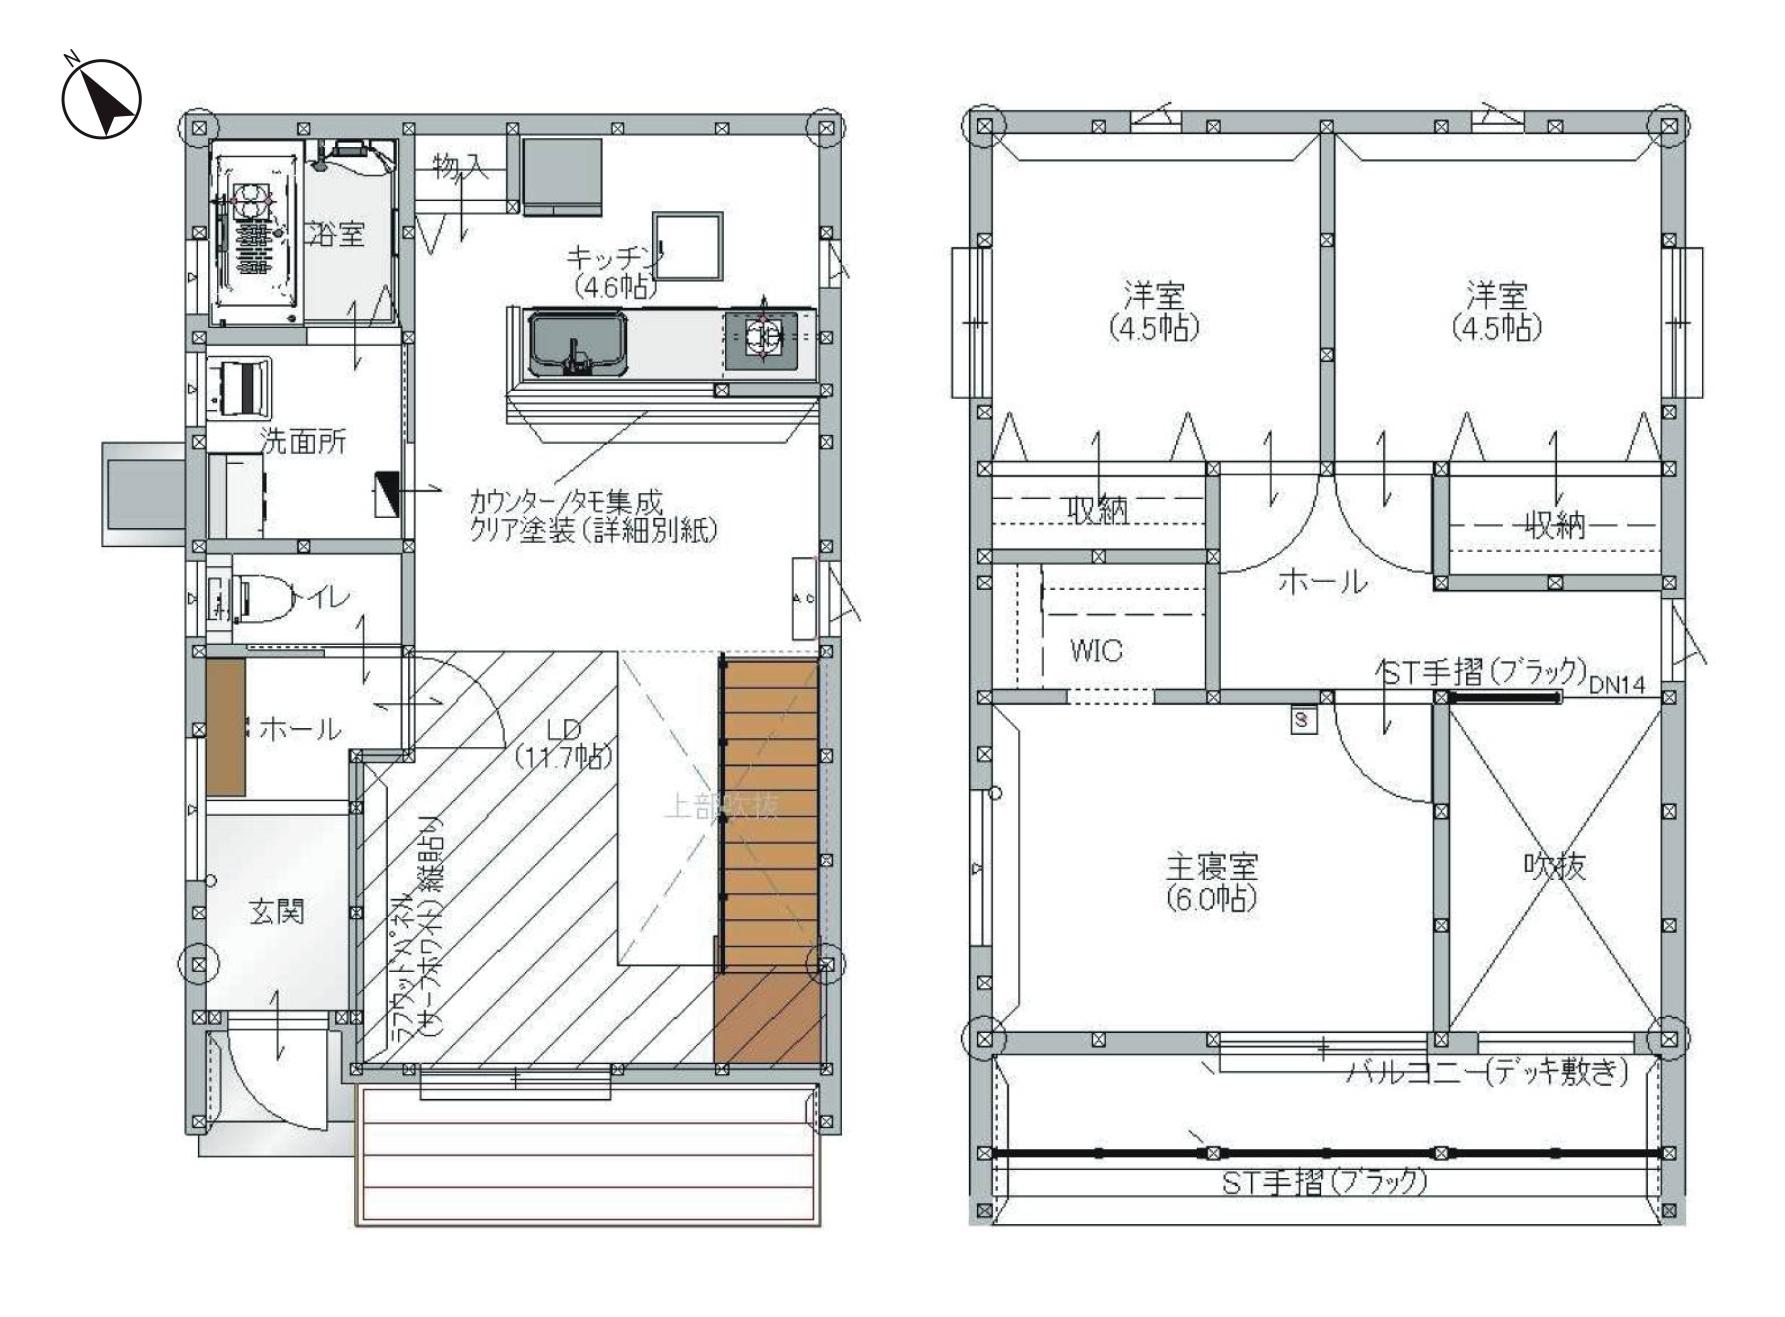 WTW HOUSE図面